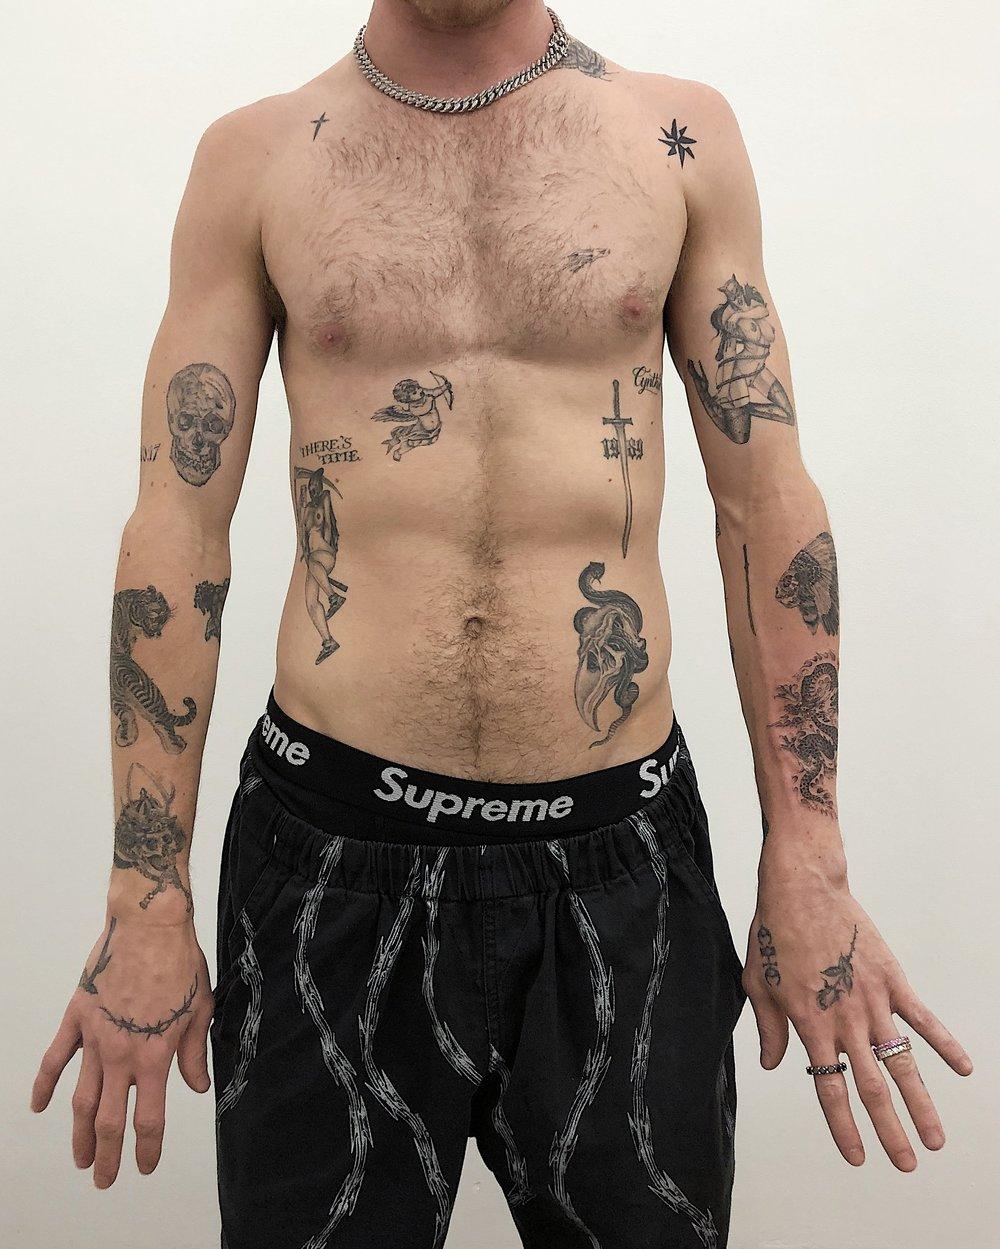 Tattoos-by-Big-Steve-Fun-City-Tattoo-1.JPG